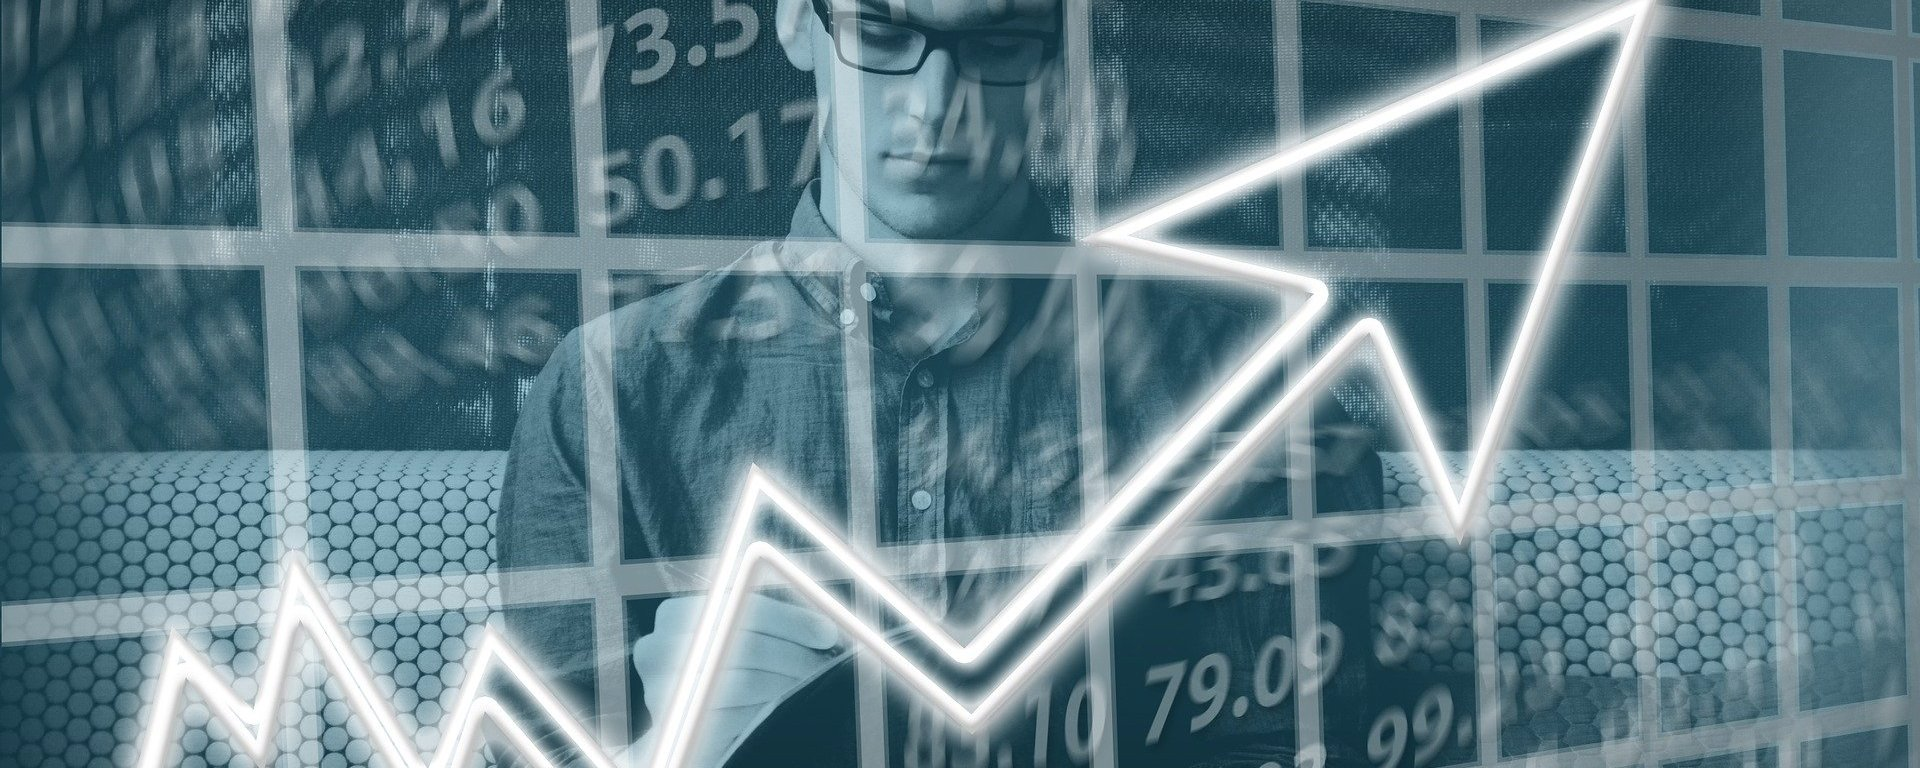 freelance comment annoncer une augmentation de vos tarifs